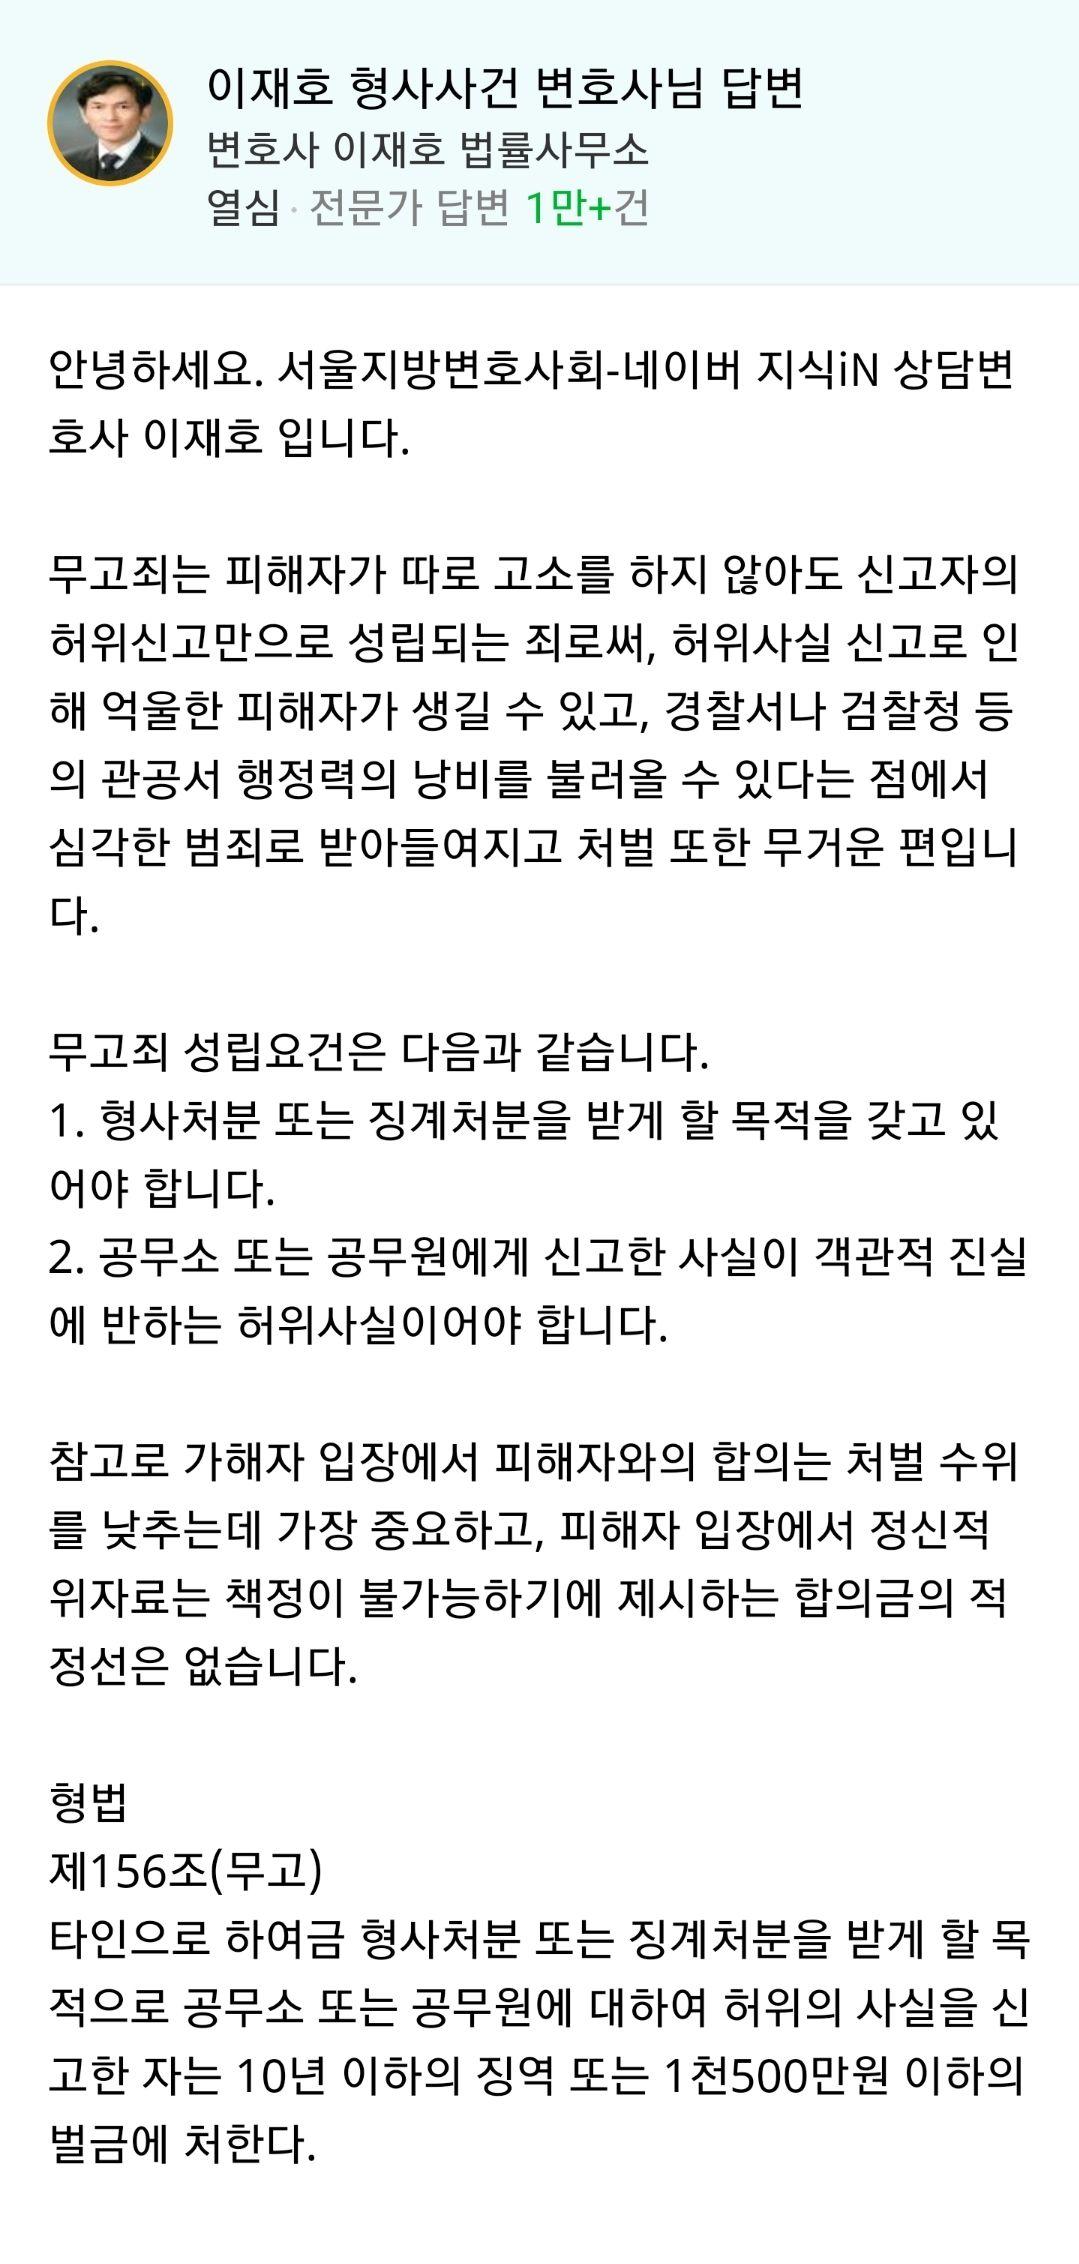 이재호 형사 사건 변호사 답변 변호사 이재호 법률 사무소 열심 전문가 답변 서울 지방 변호 사회